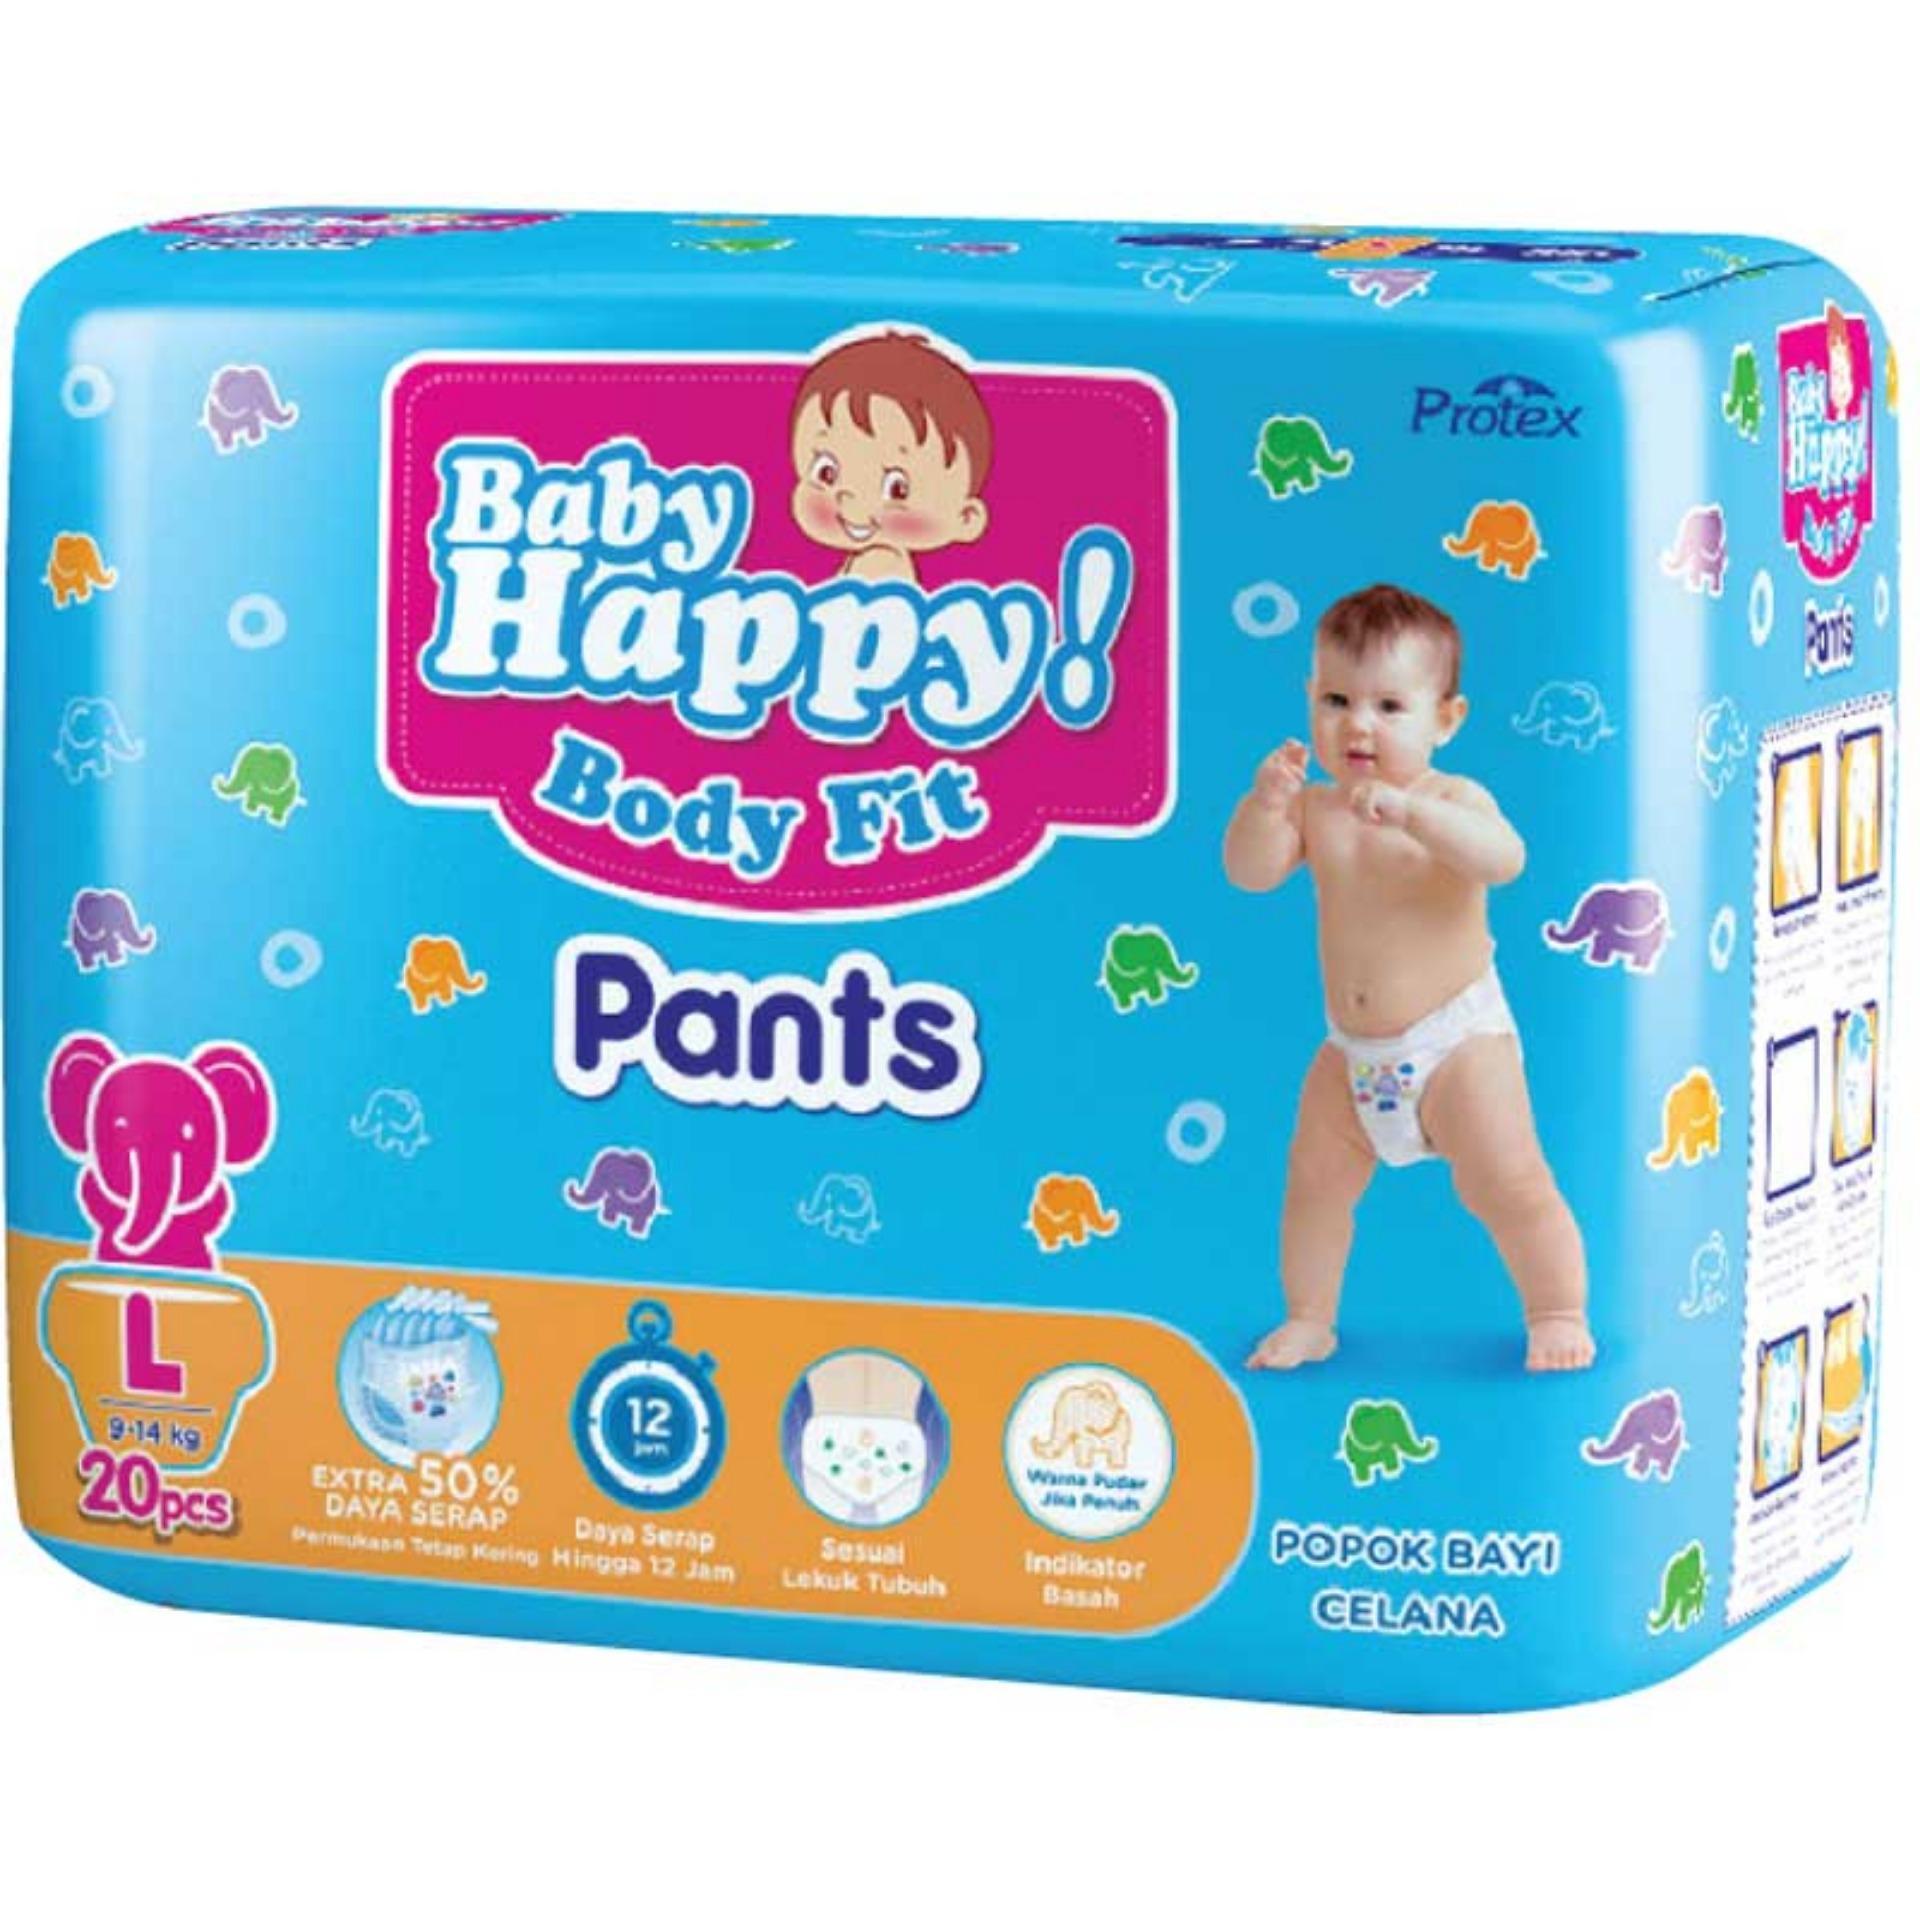 Baby Happy Pants L-20